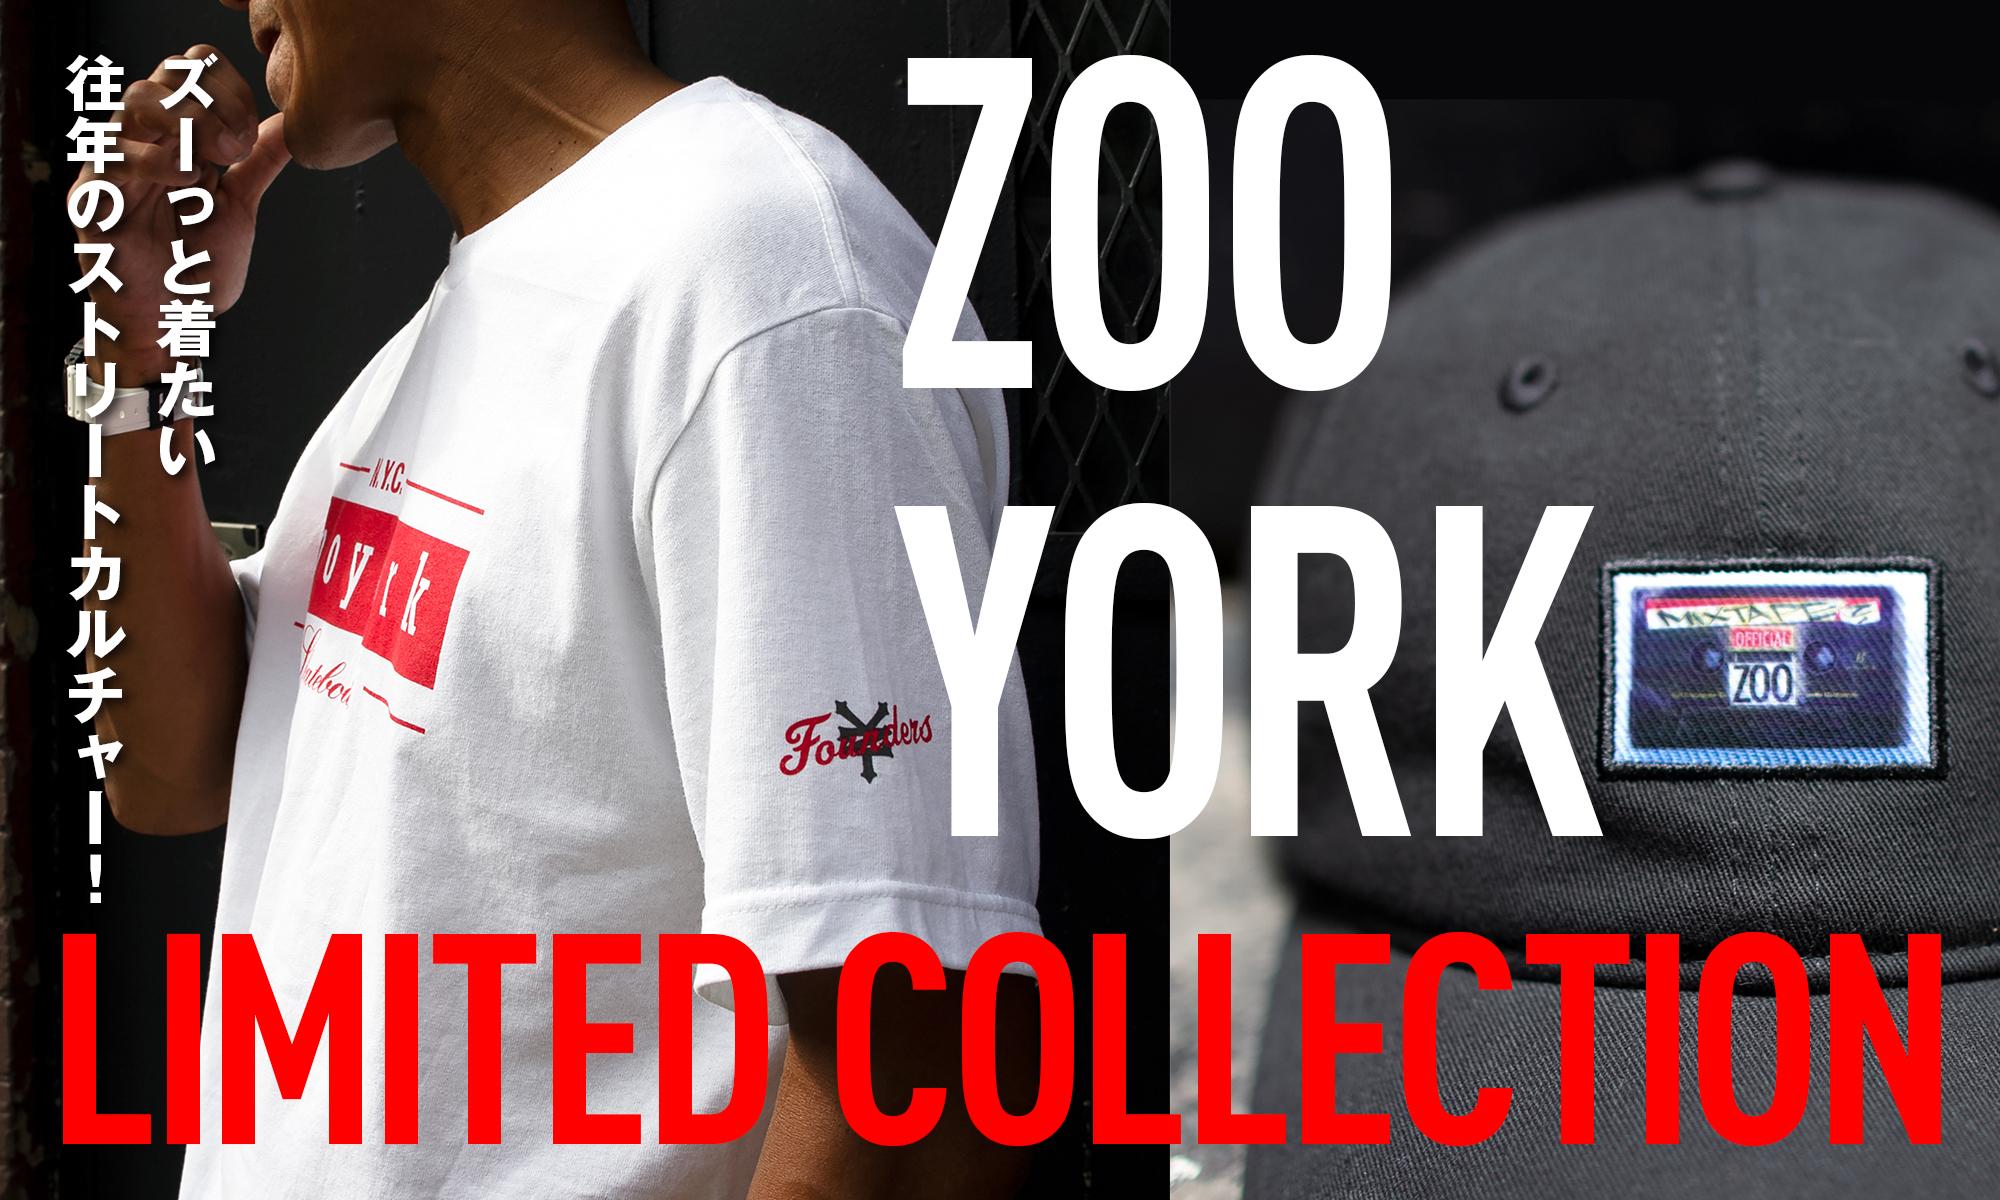 ズーっと着たい往年のストリートカルチャー! -ZOO YORK LIMITED COLLECTION-